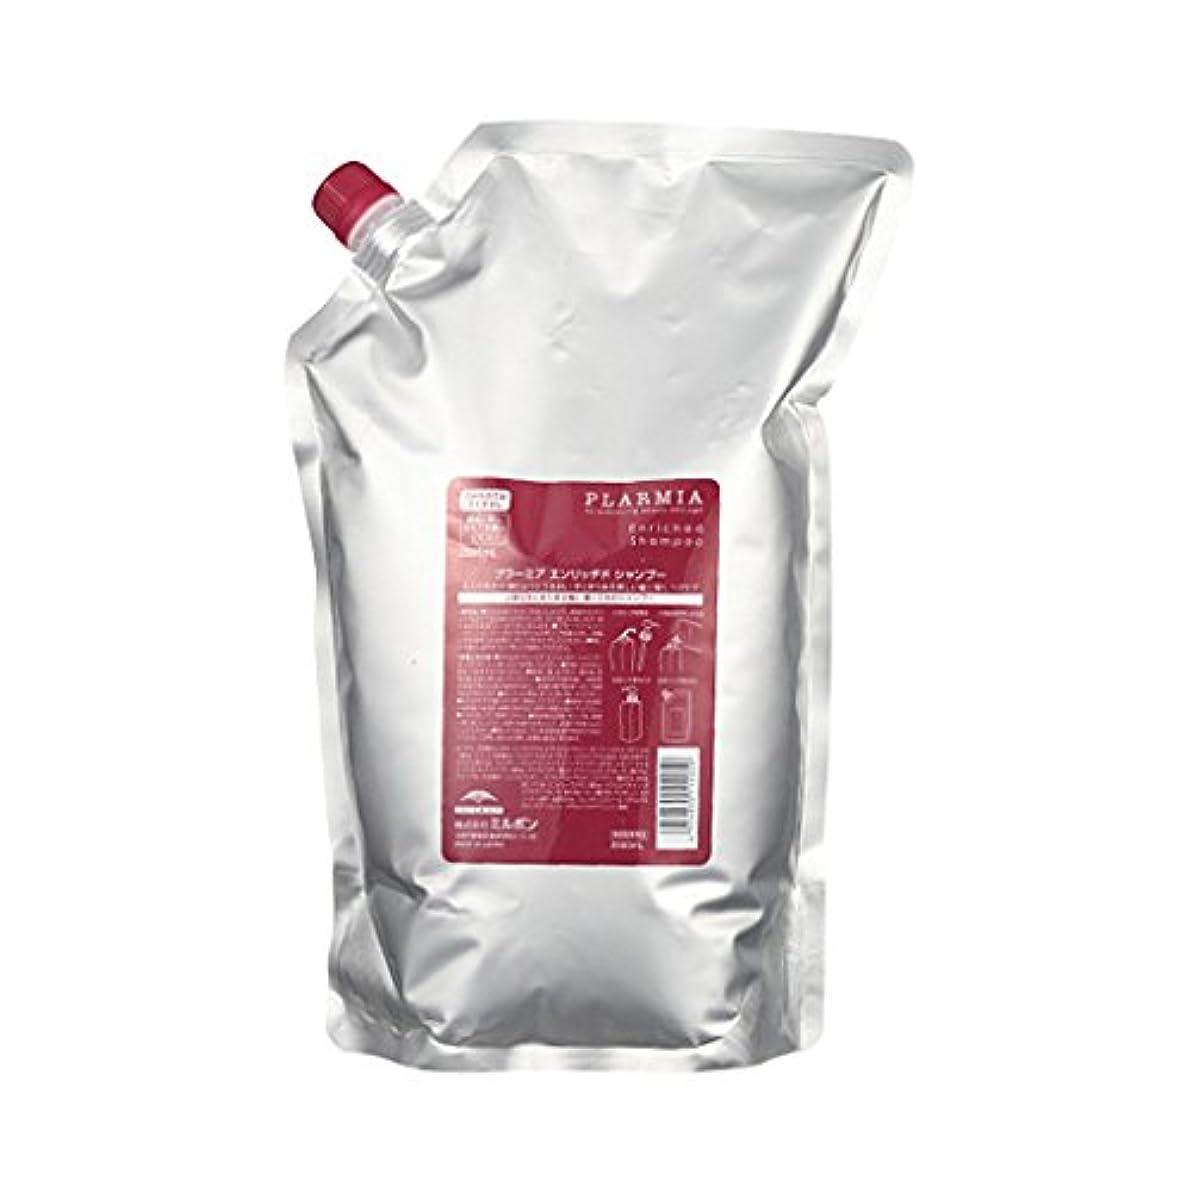 結晶屋内で期限切れミルボン プラーミア エンリッチド シャンプー (2500mlパック) 詰替用